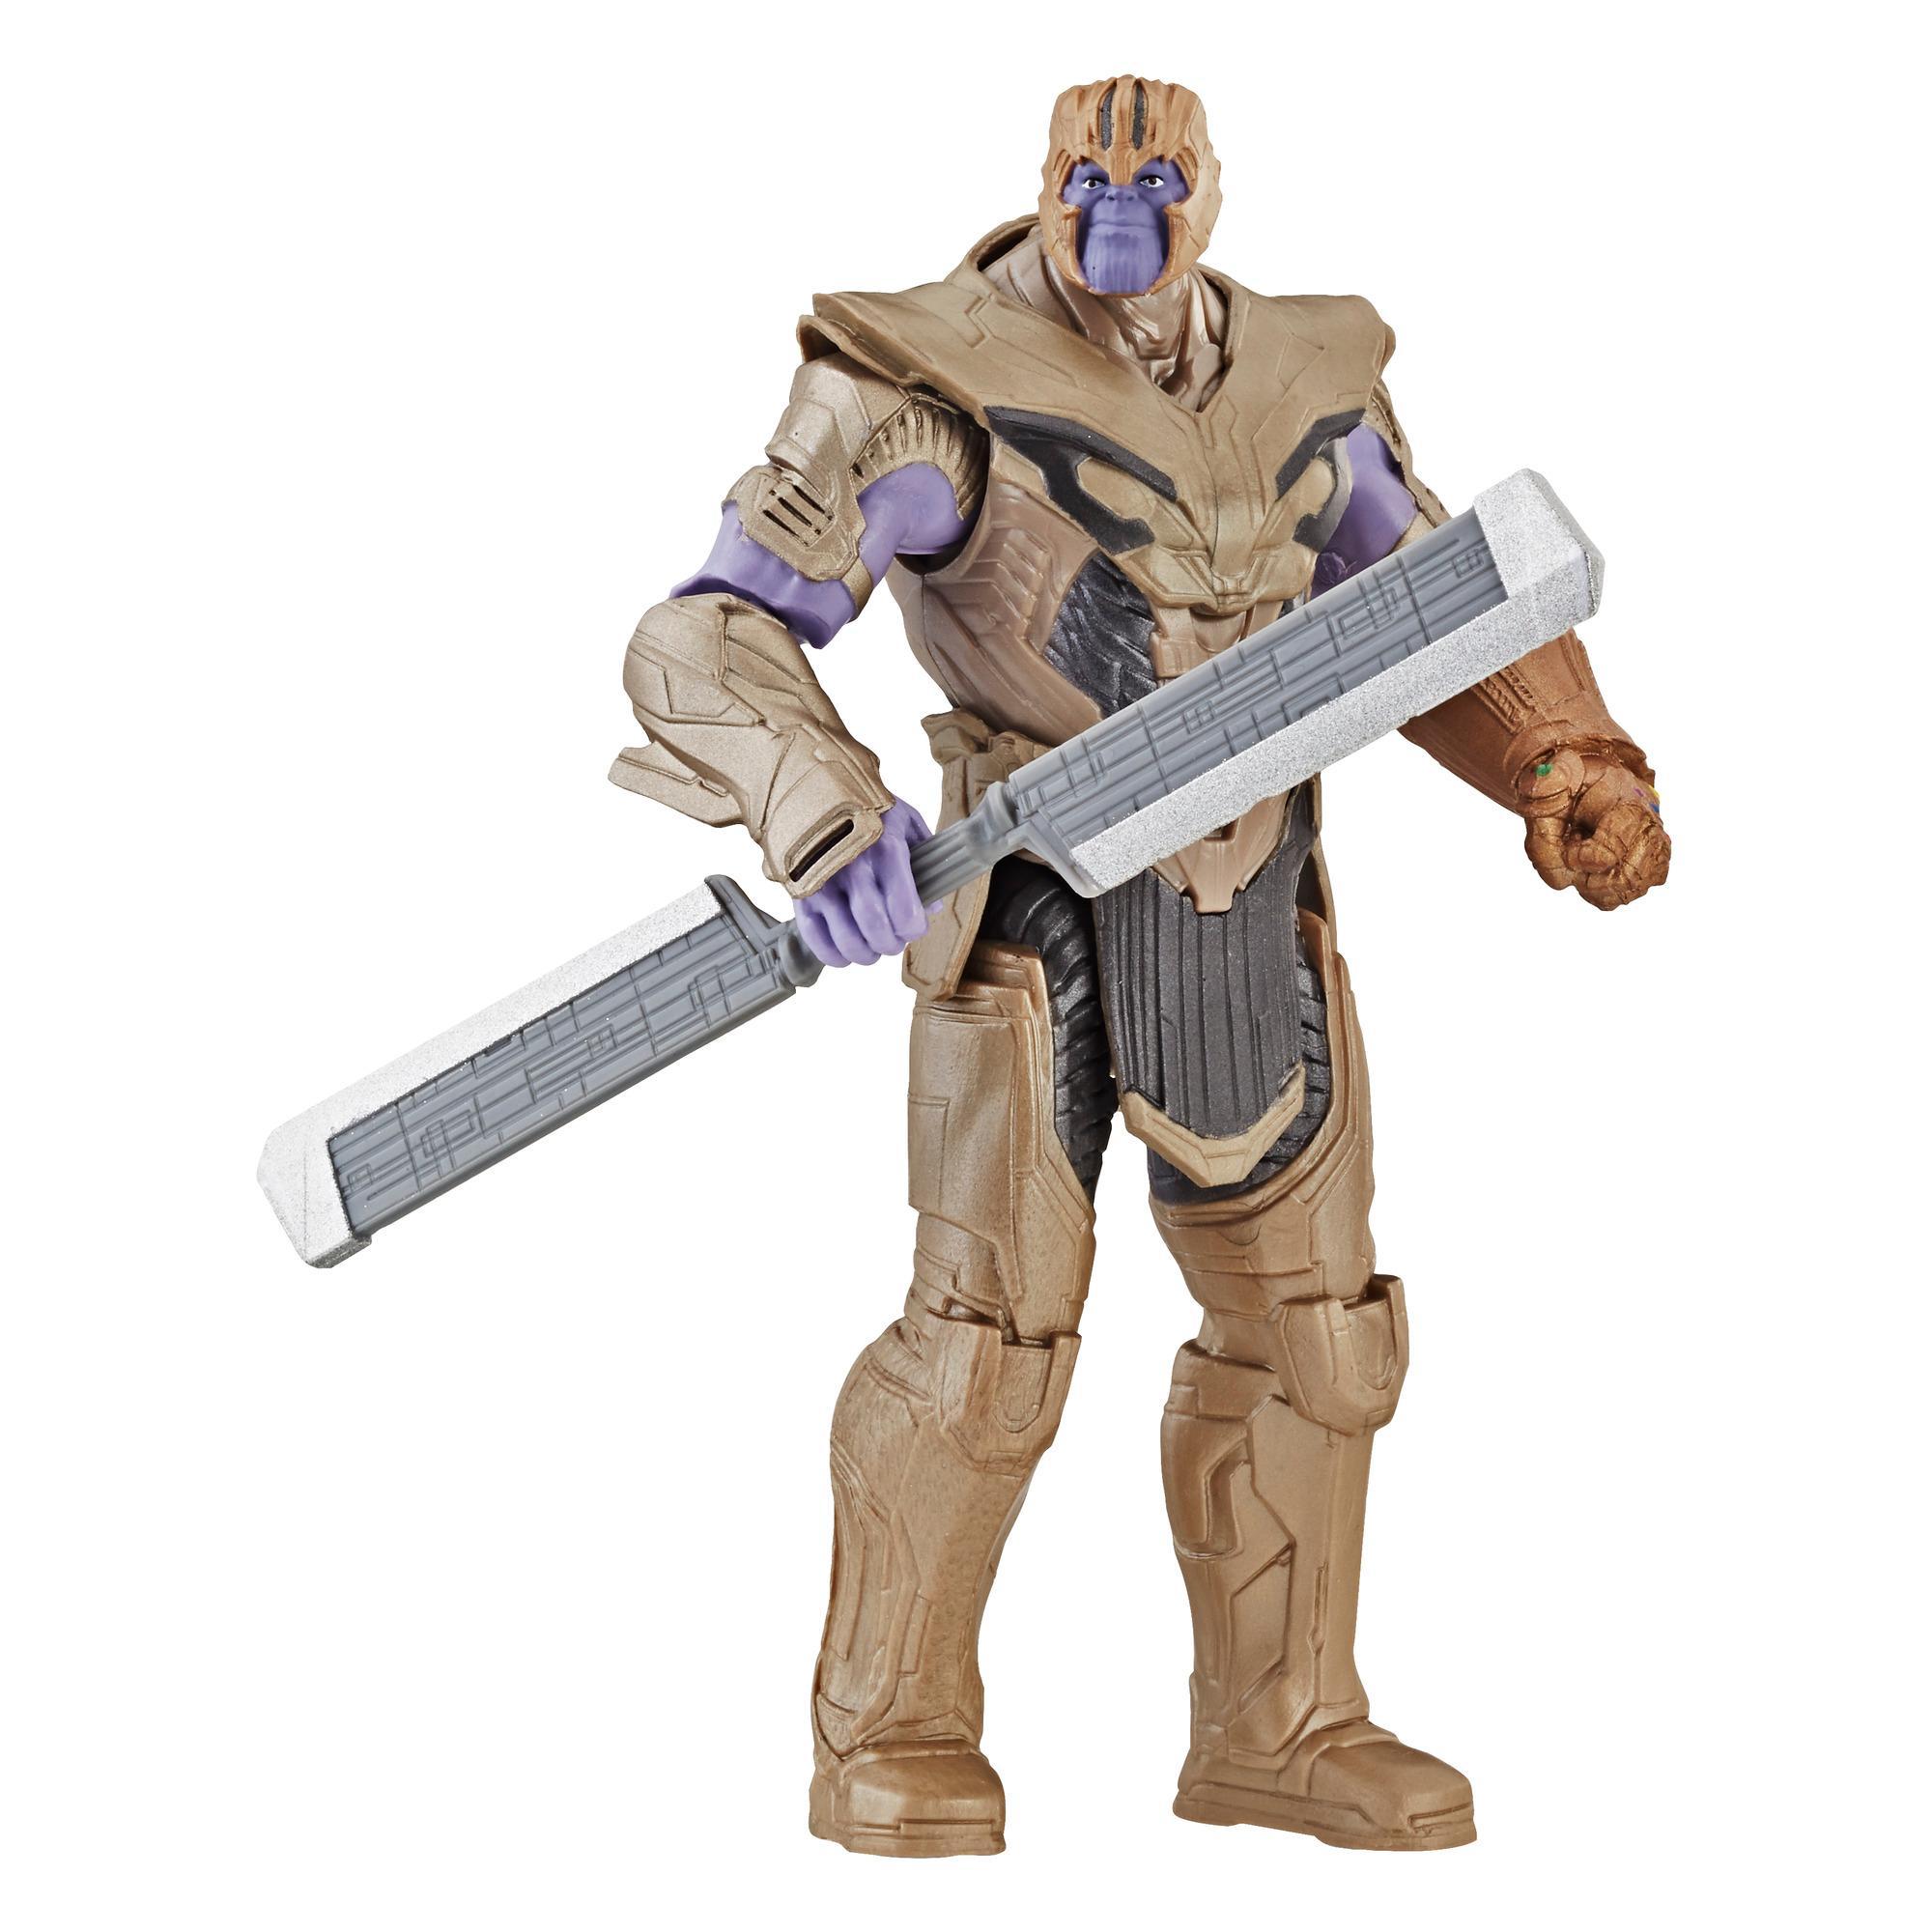 Marvel Avengers: Endgame Deluxe-Figuren aus dem Marvel Cinematic Universe – Thanos